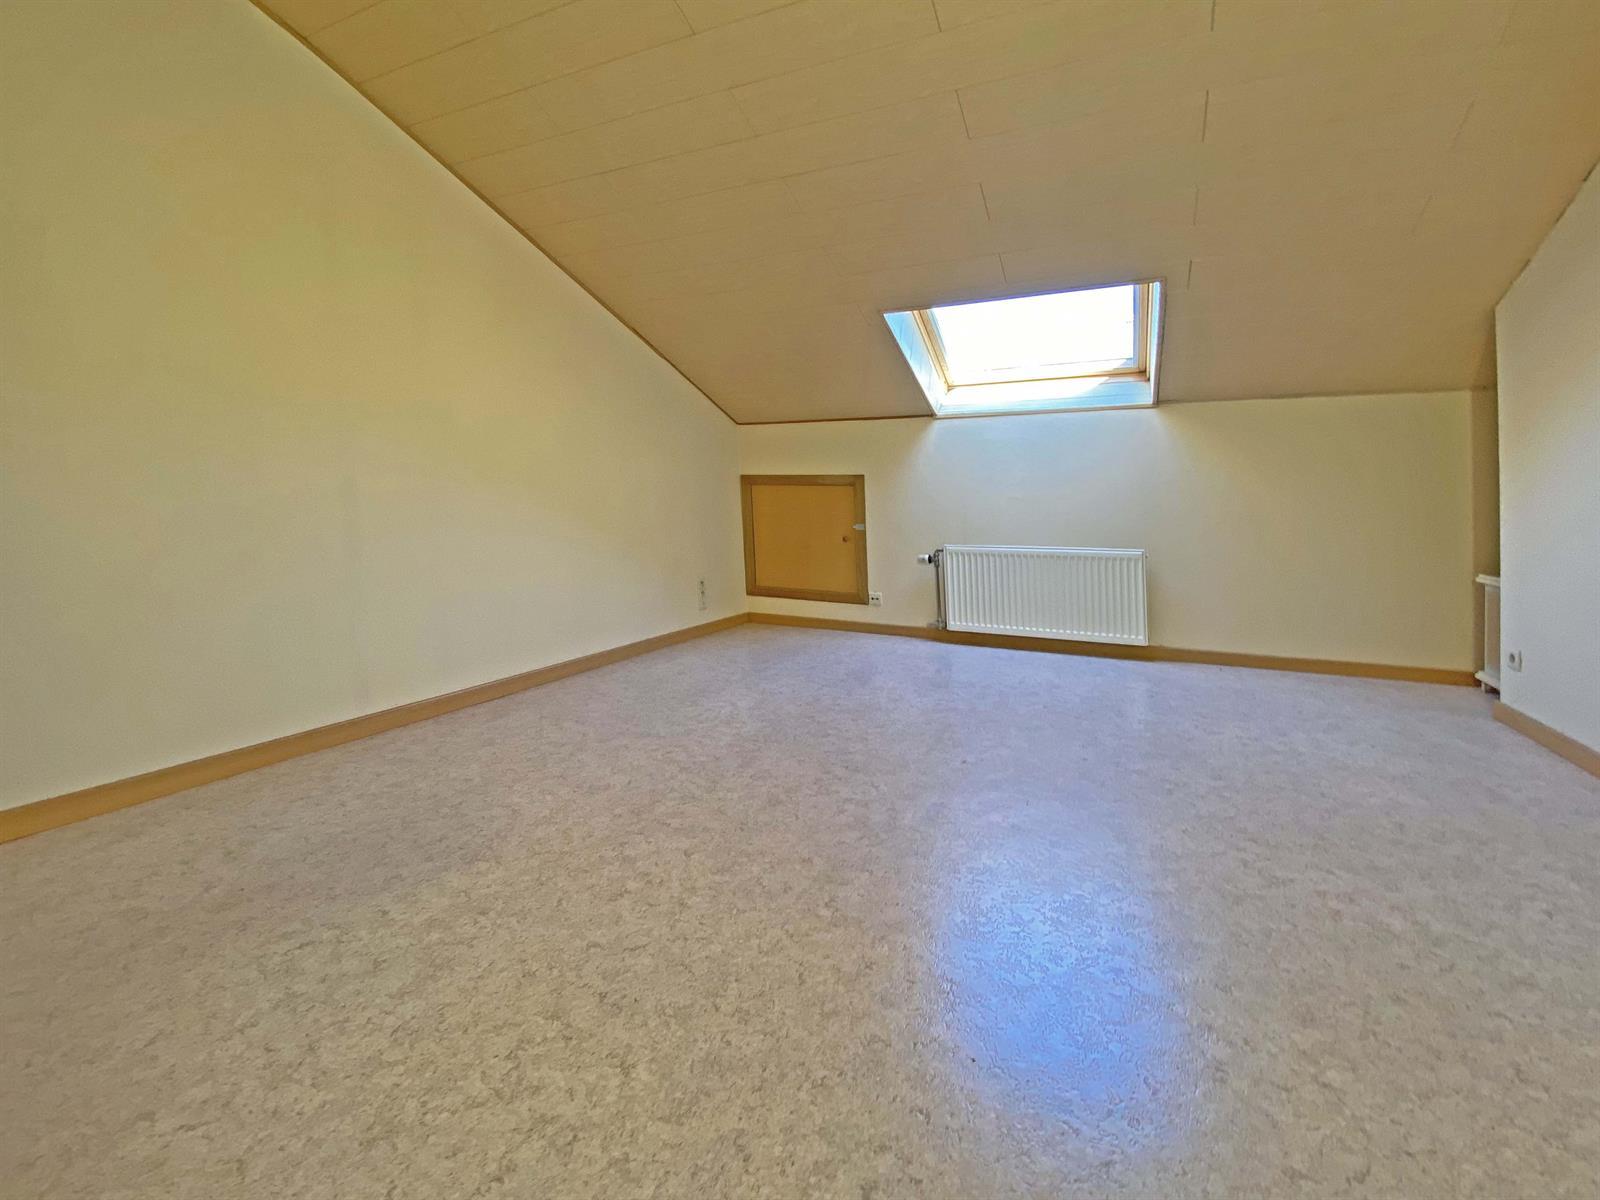 Appartement - Neufchâteau - #4360958-9